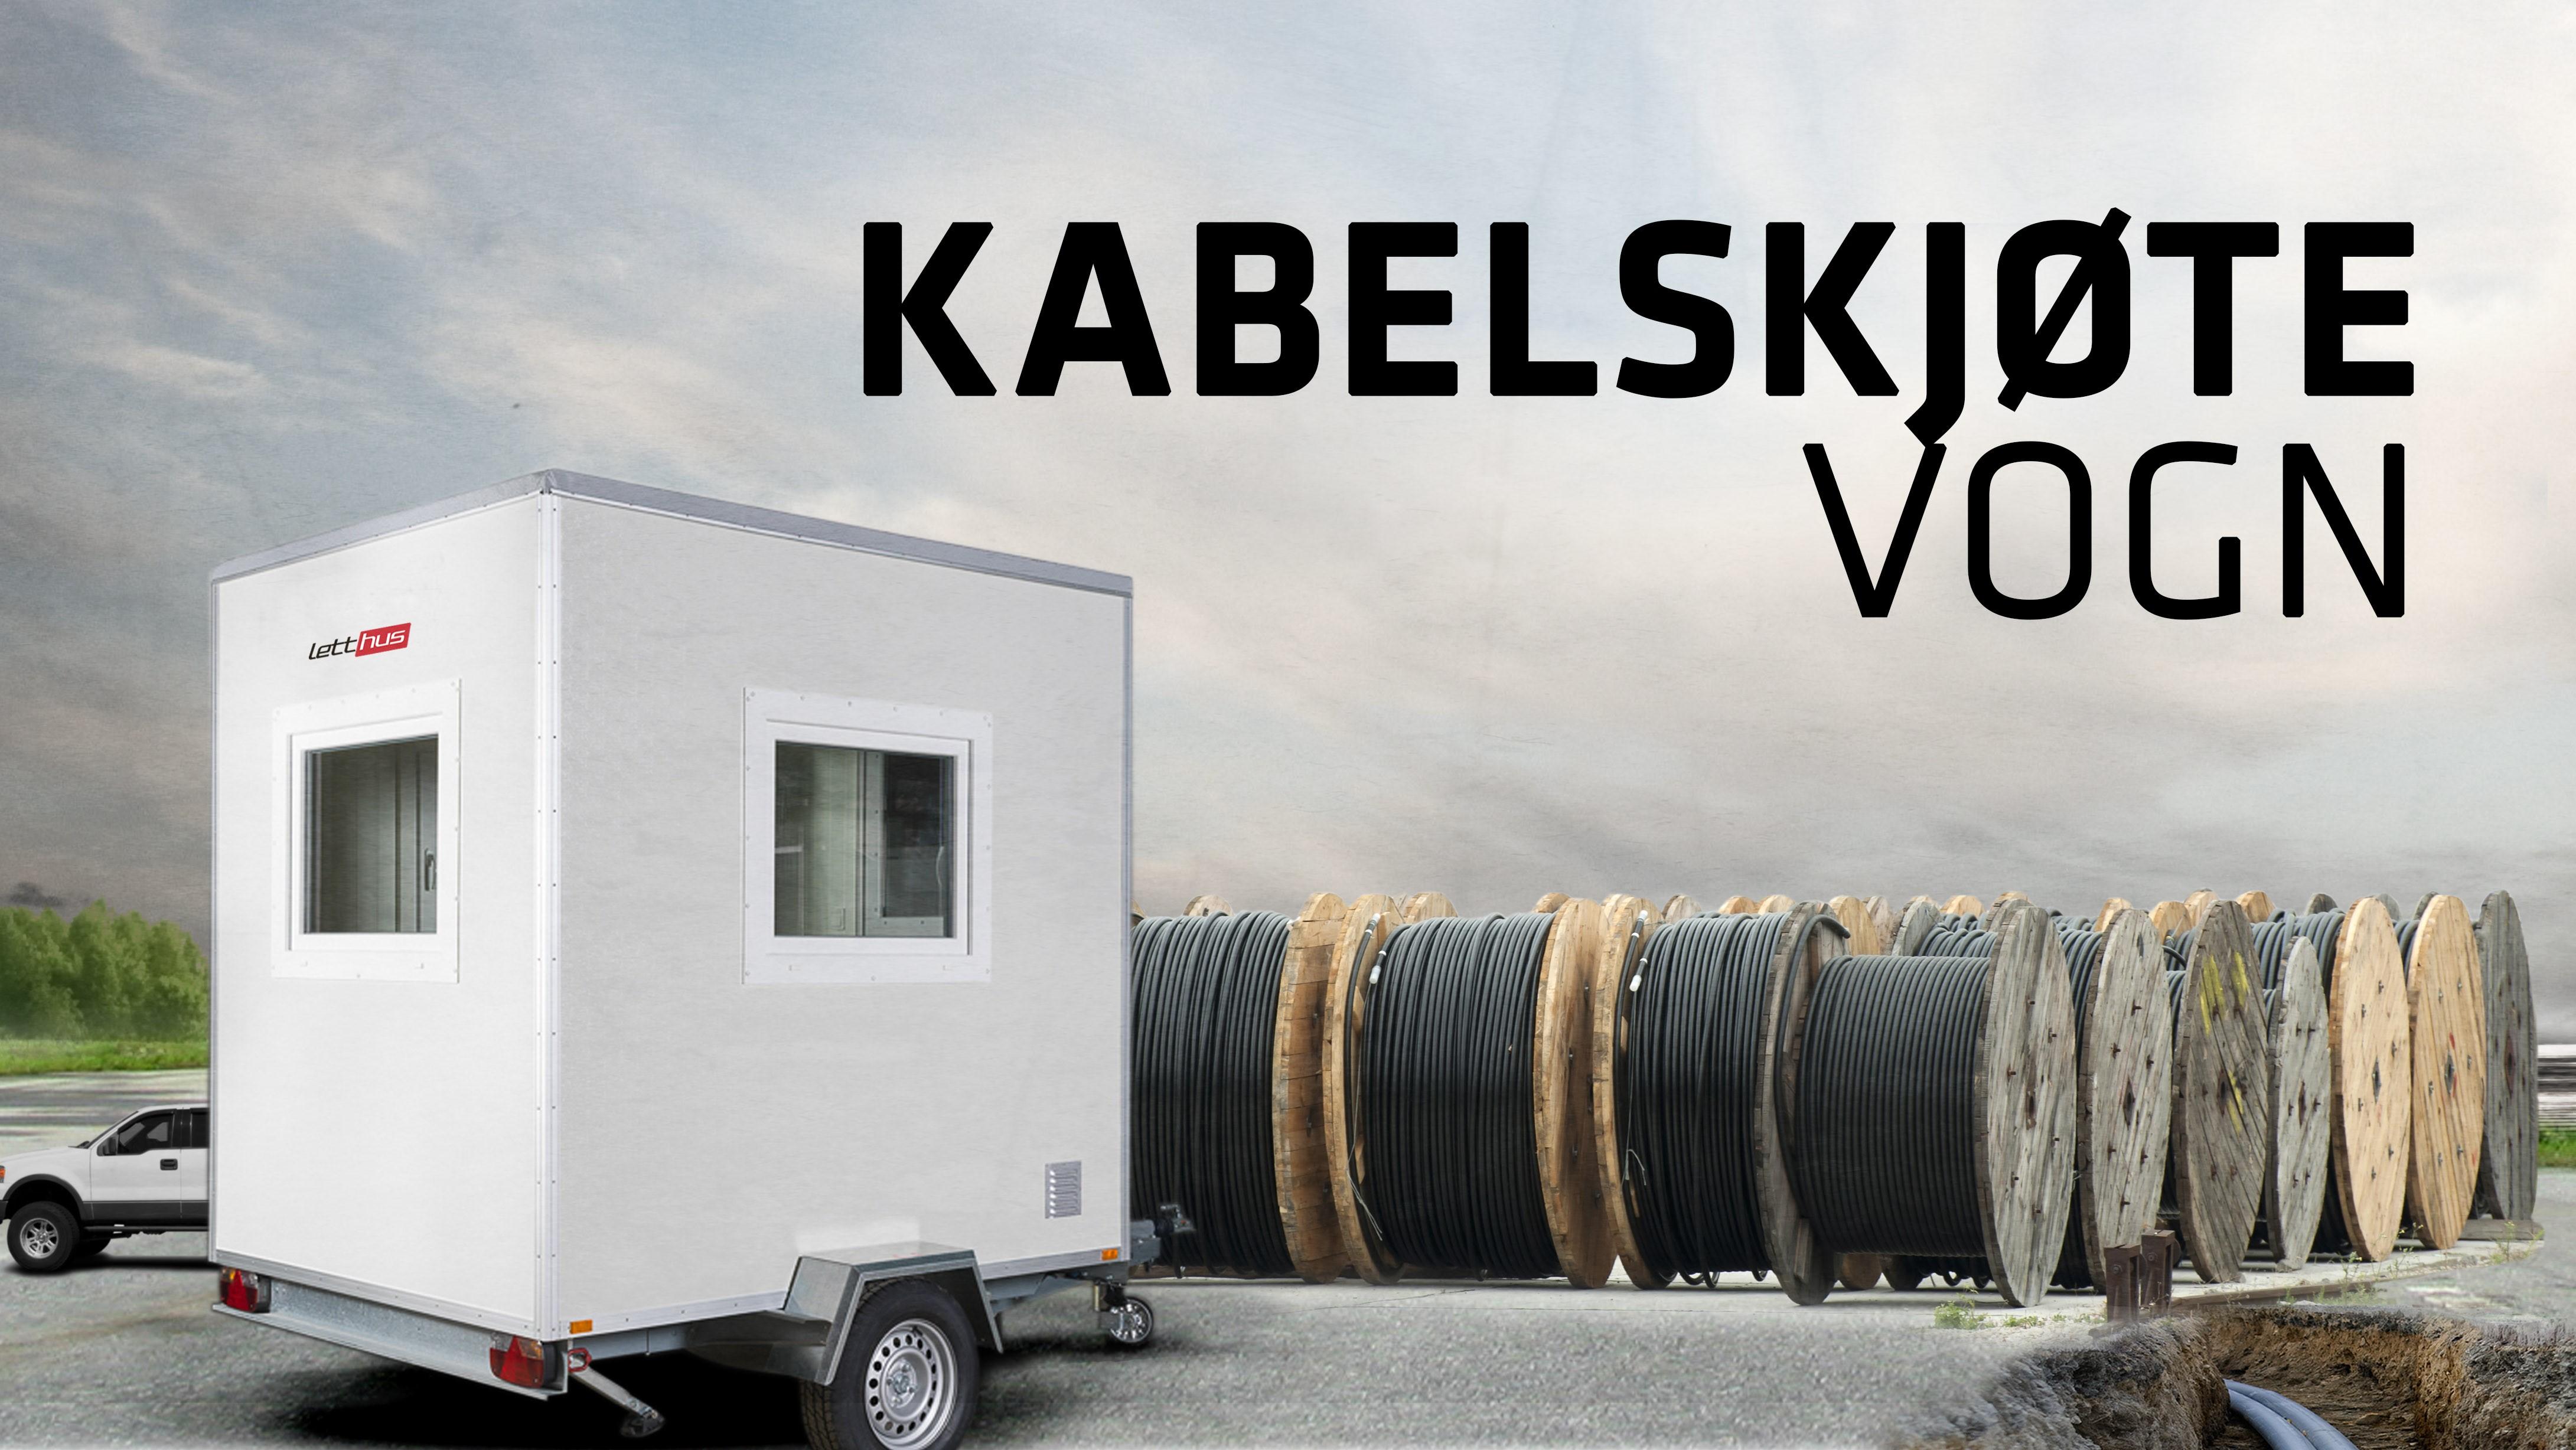 Kabelskjøtevogn.jpg